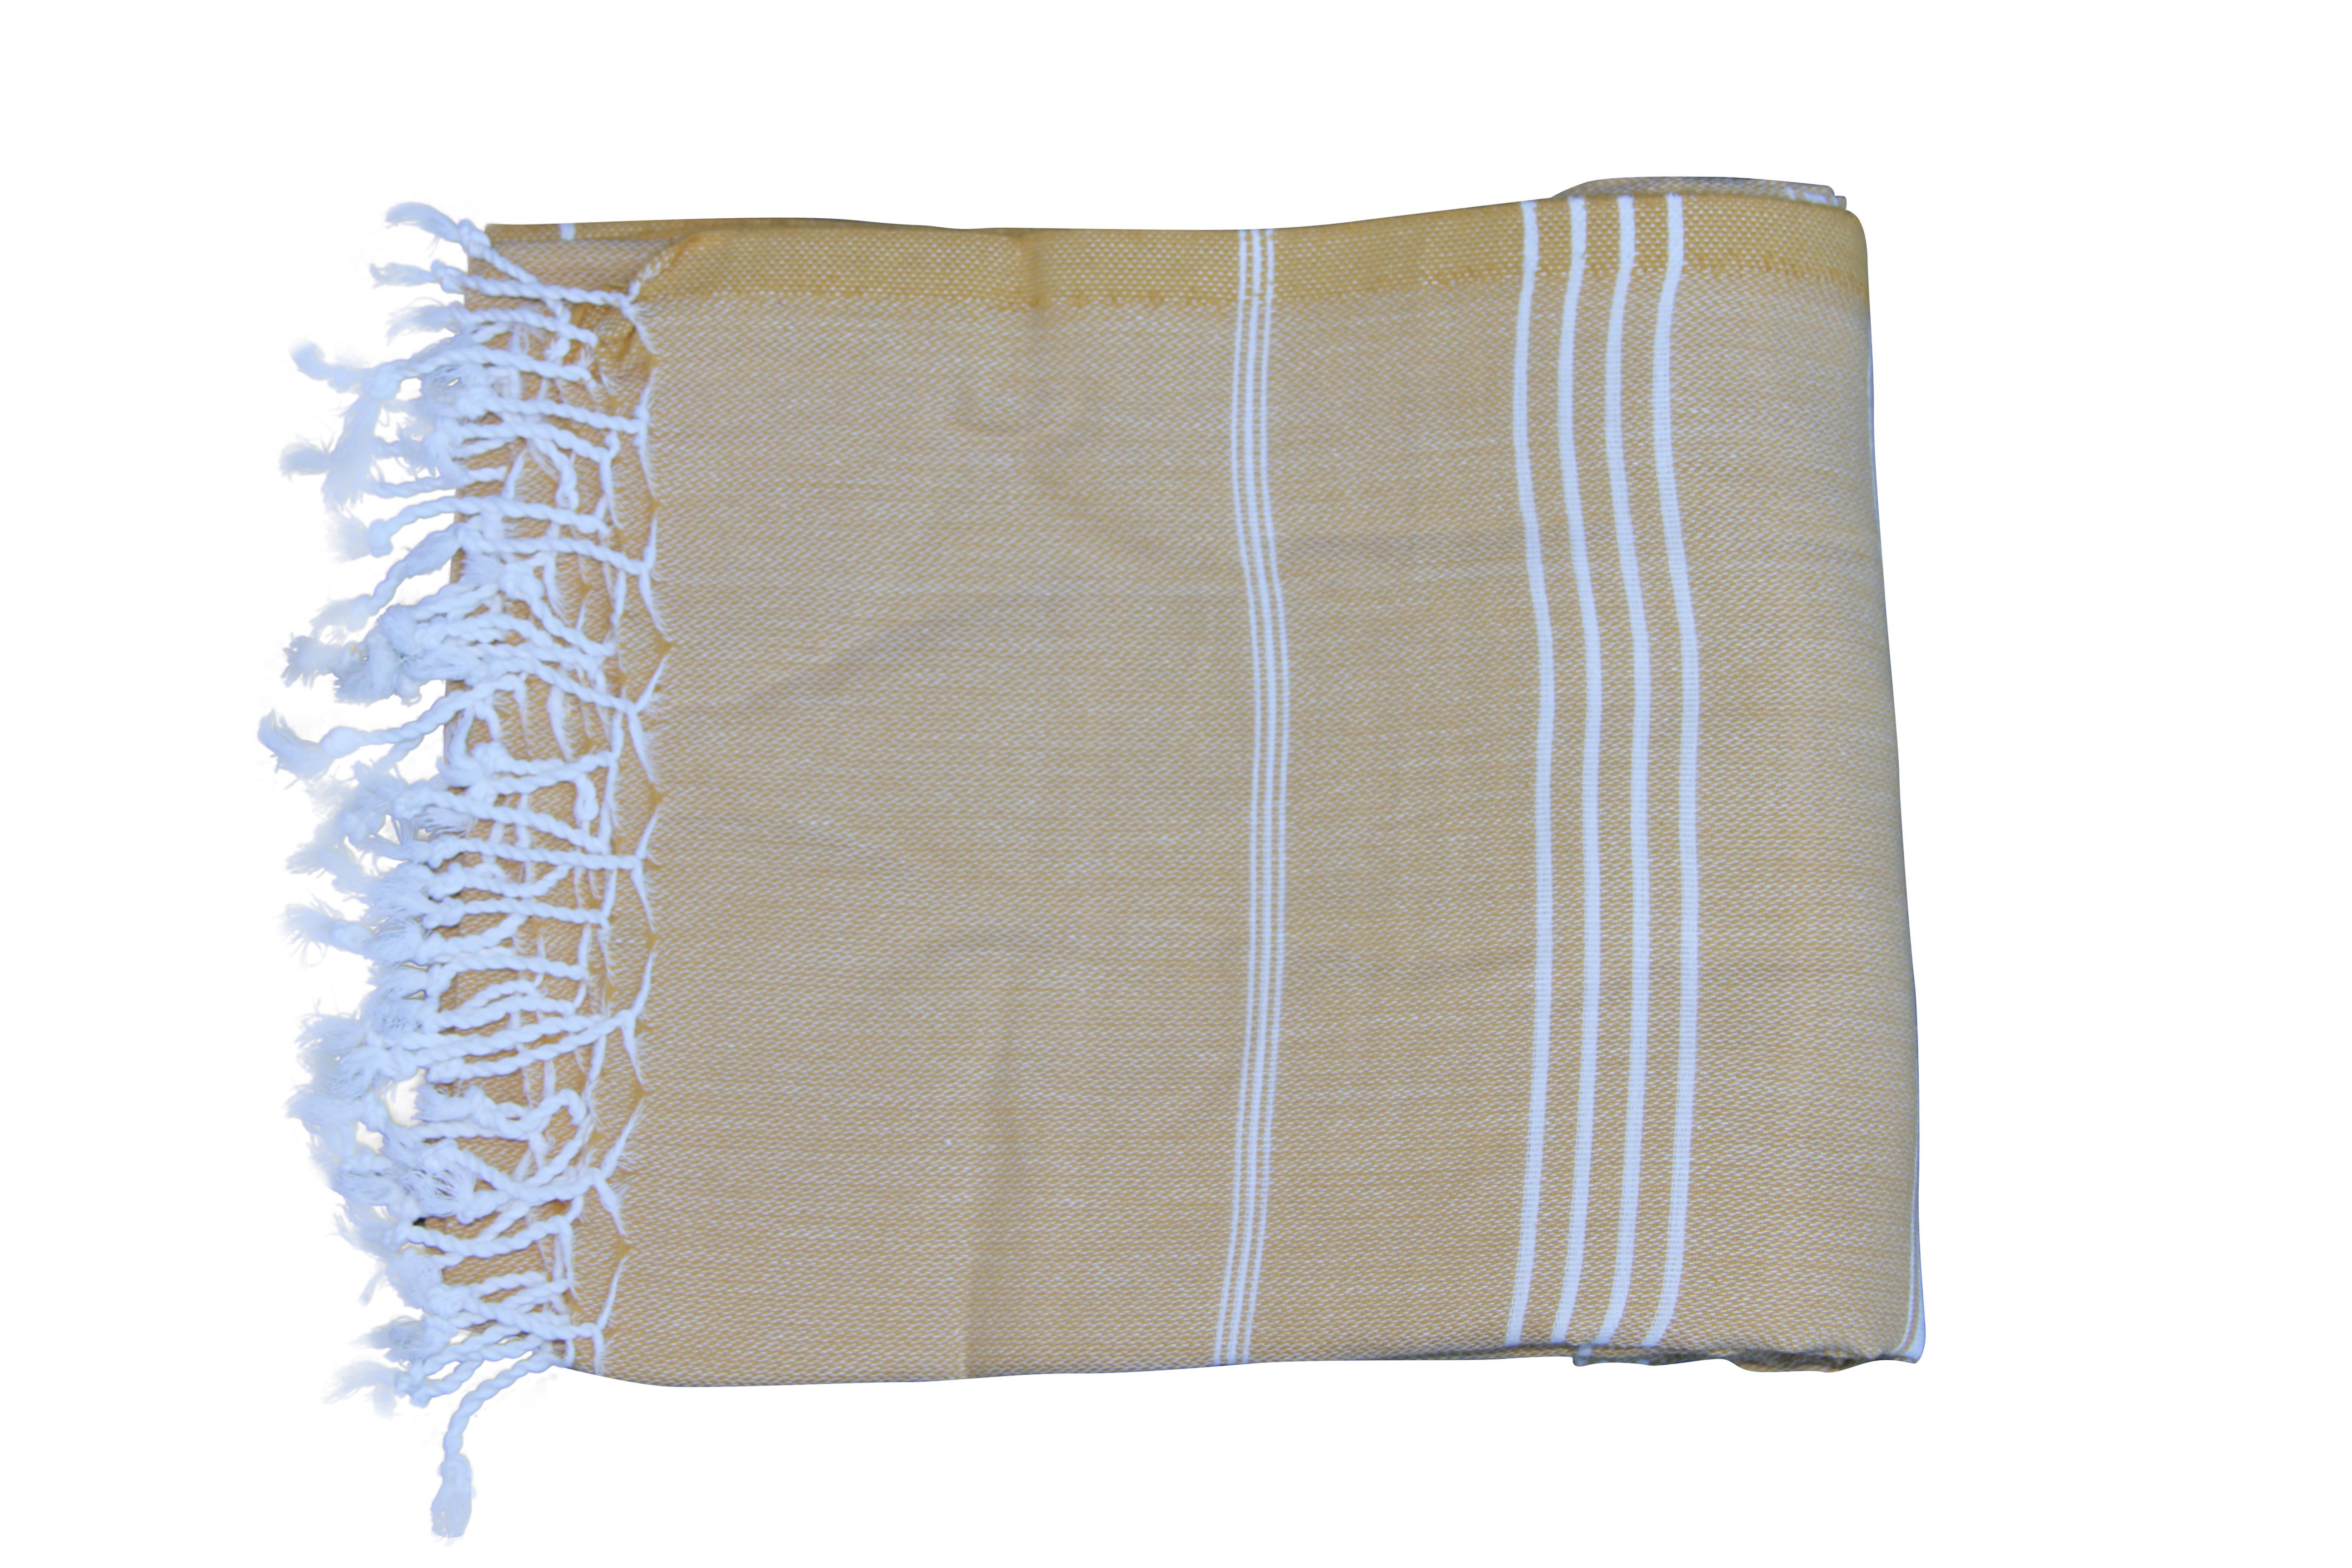 Hamamdoek, Camel  100% katoen 100cm x 180cm 100% geweven katoenen handdoek.